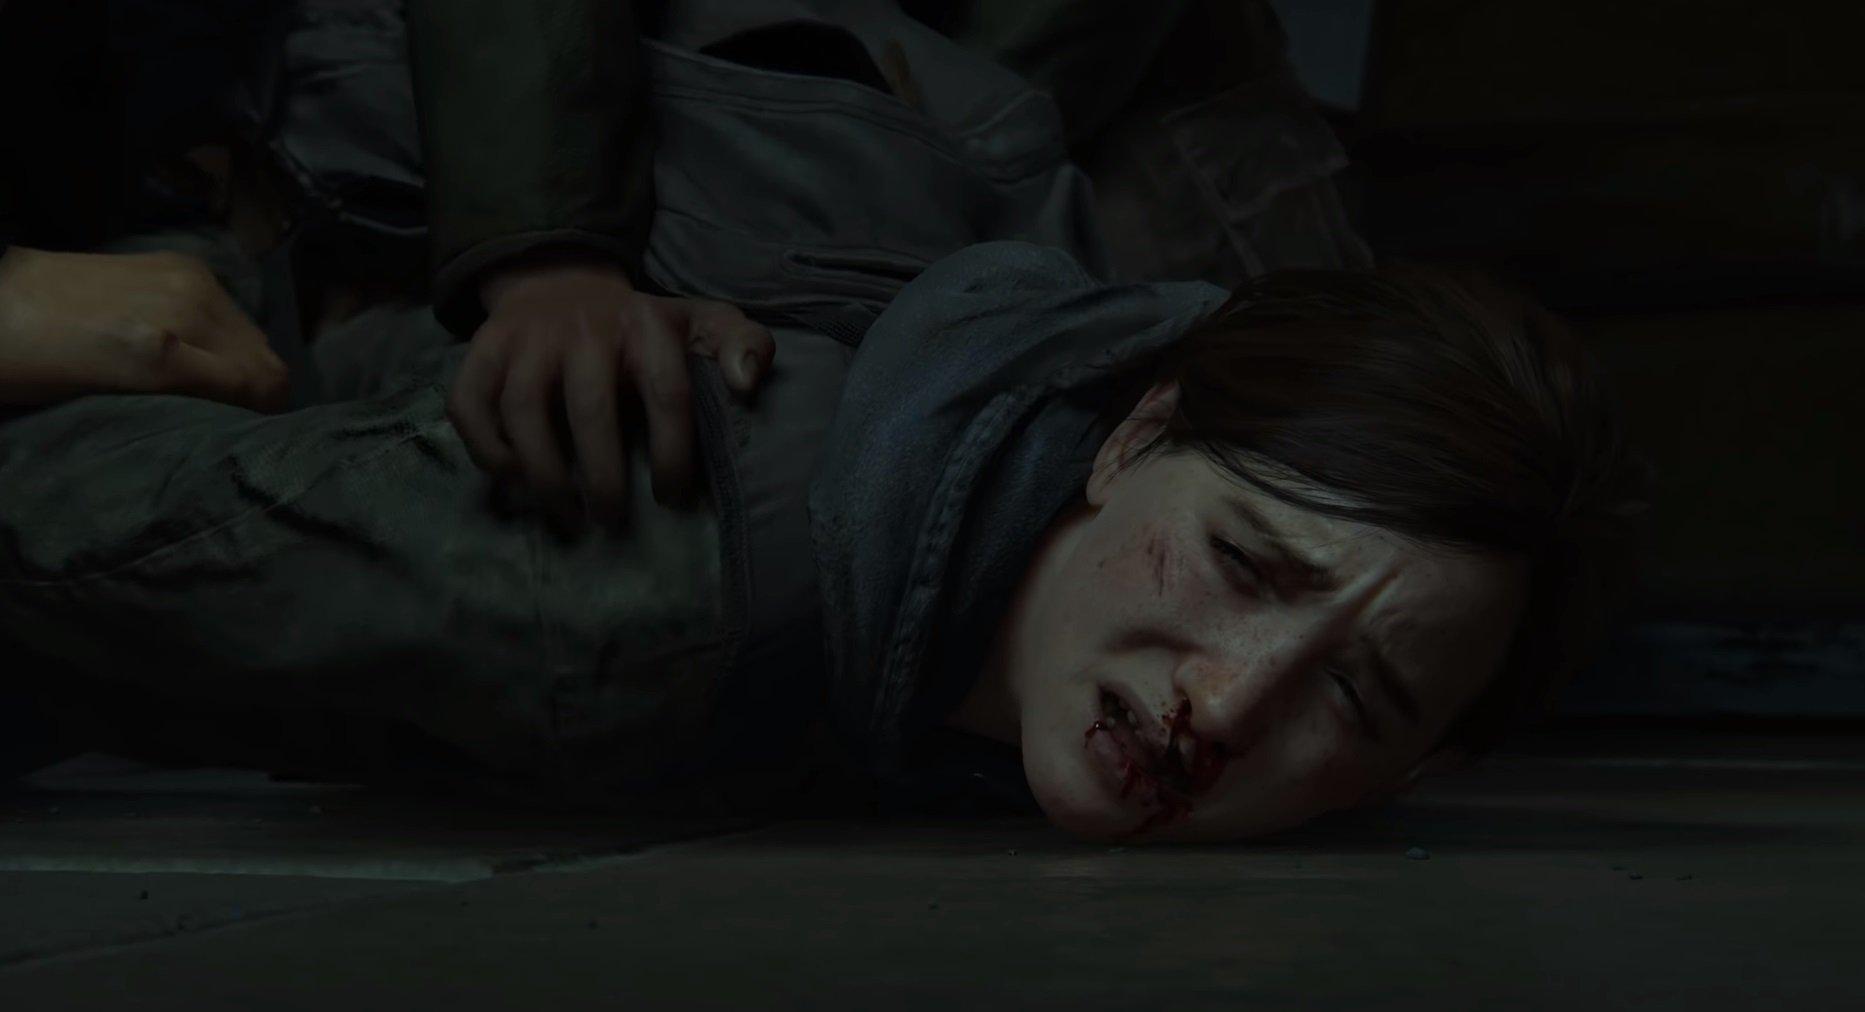 The Last Of Us Part Ii Release Date Trailer Breakdown